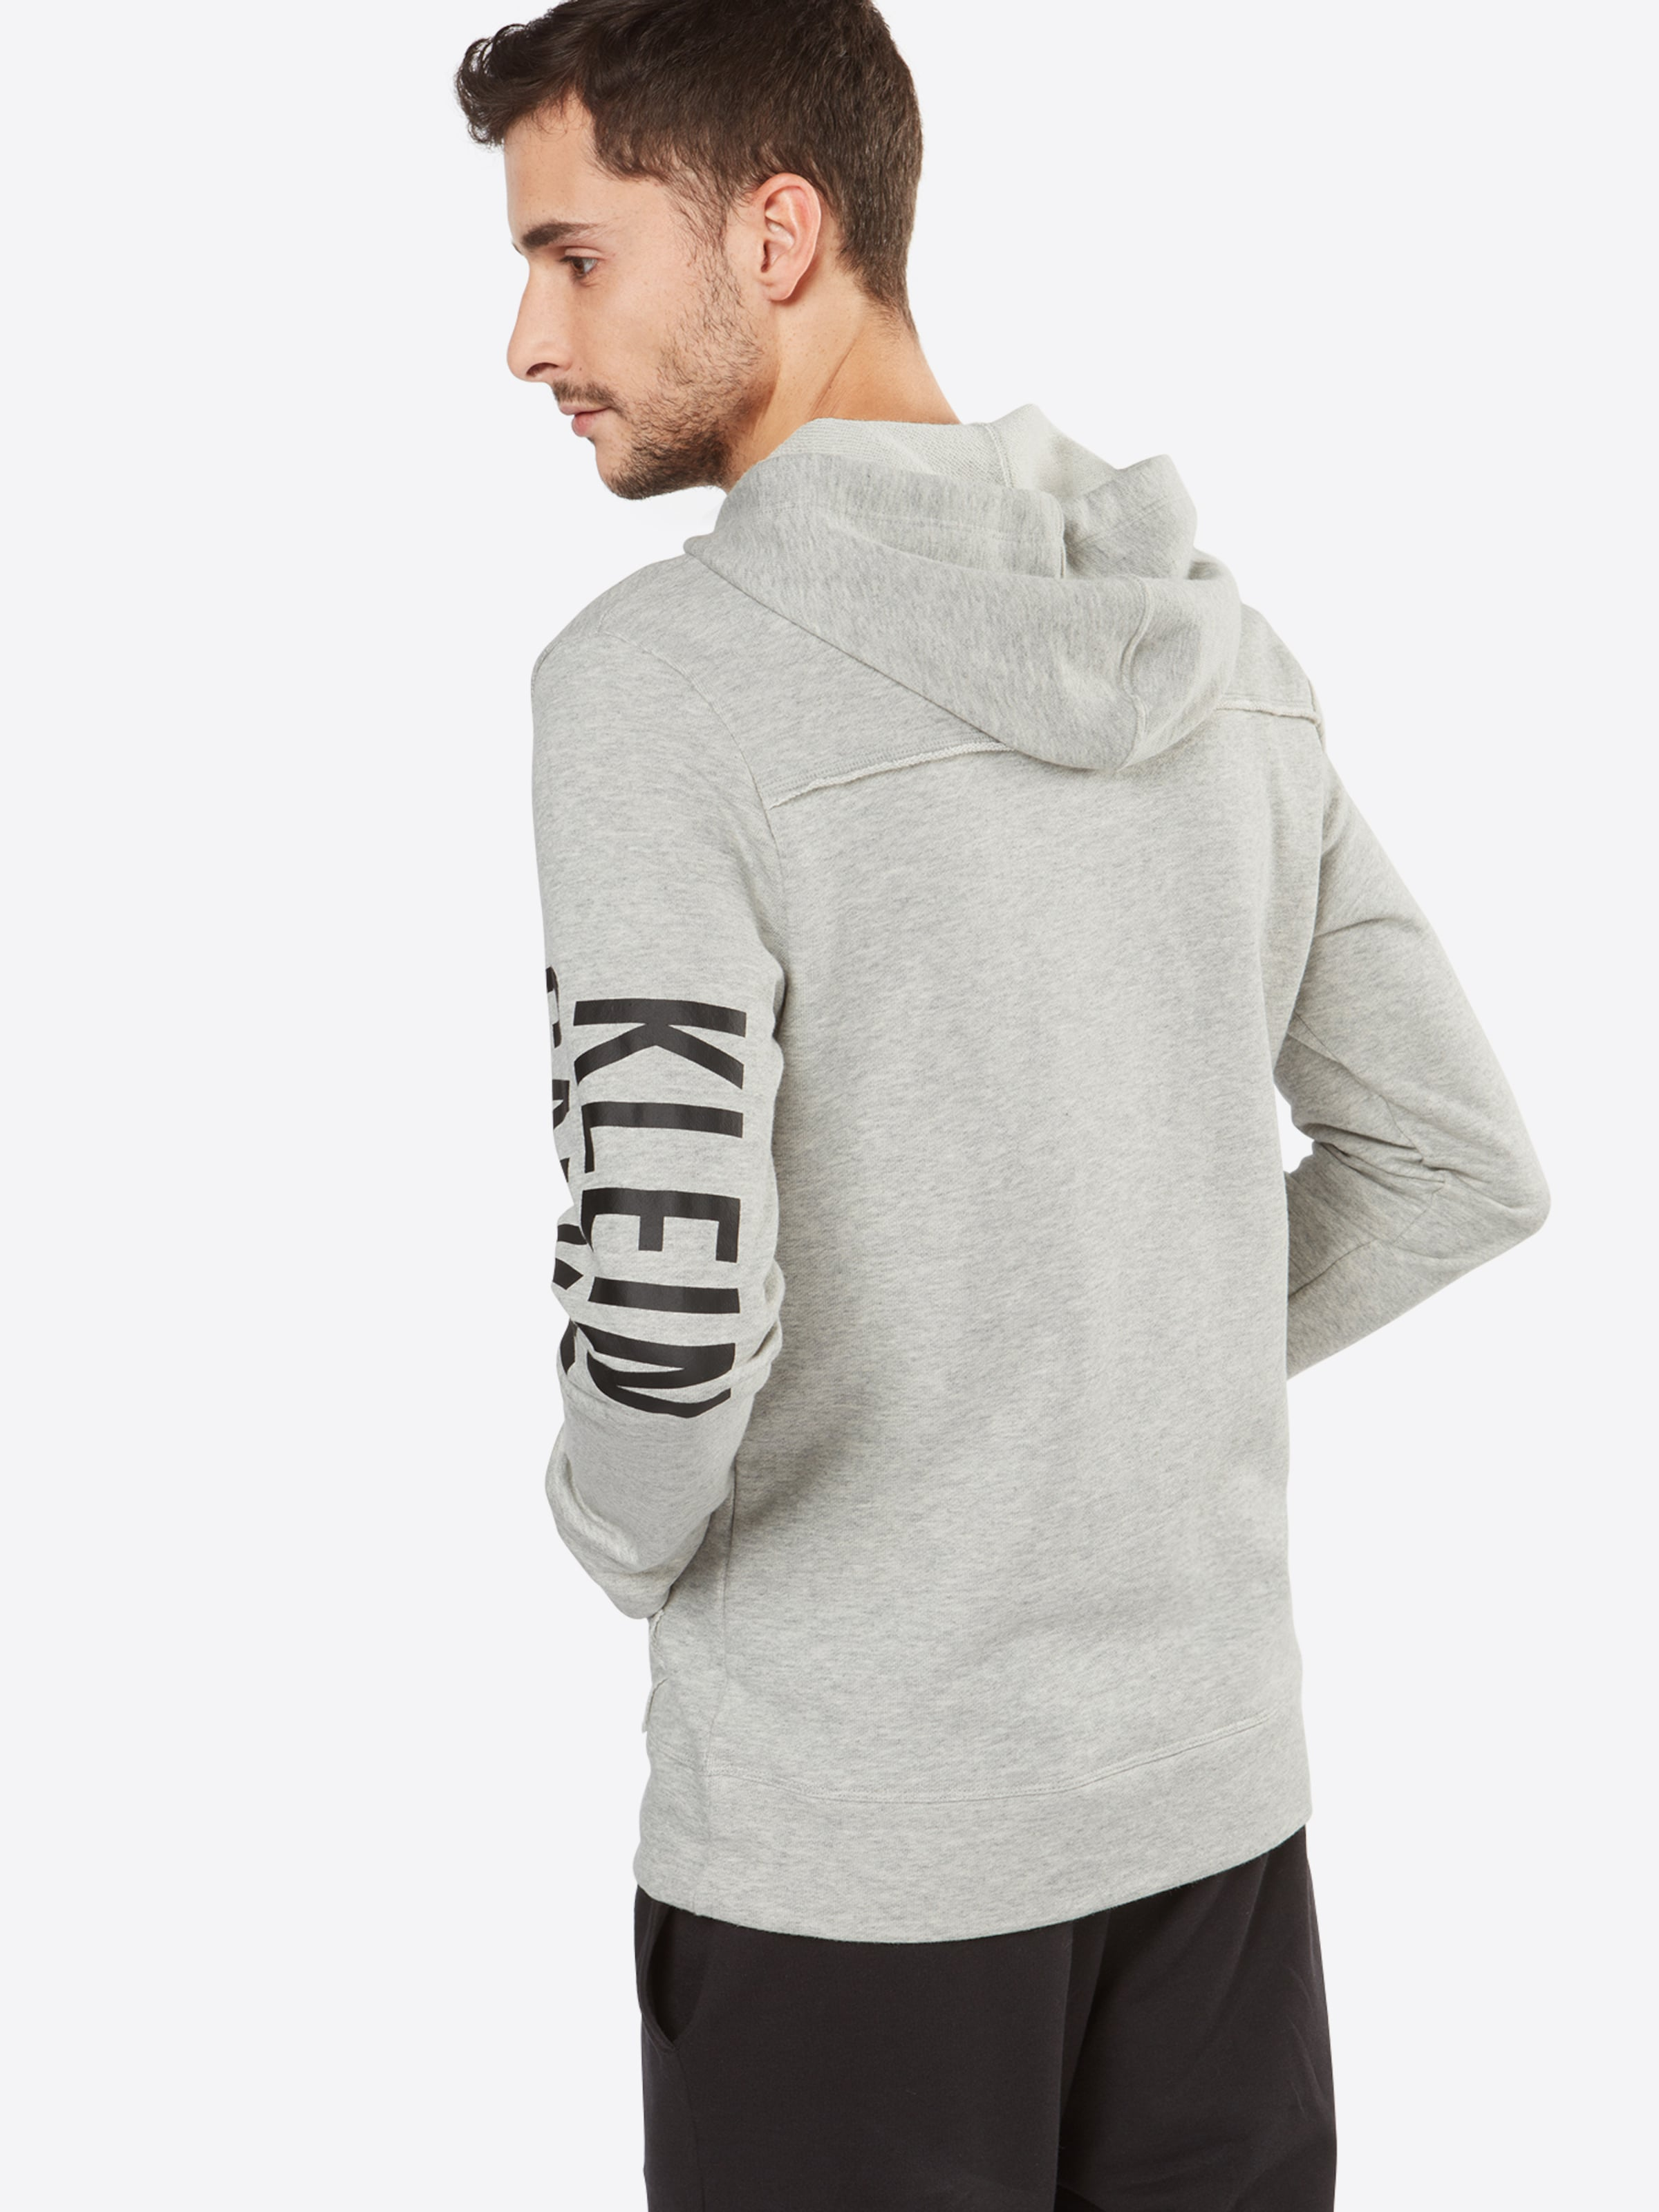 Wählen Sie Eine Beste Online Calvin Klein underwear Sweatshirt mit Kapuze Freies Verschiffen Ebay Günstig Kauft Besten Platz Top-Qualität Günstiger Preis Freies Verschiffen Perfekt mT4q3